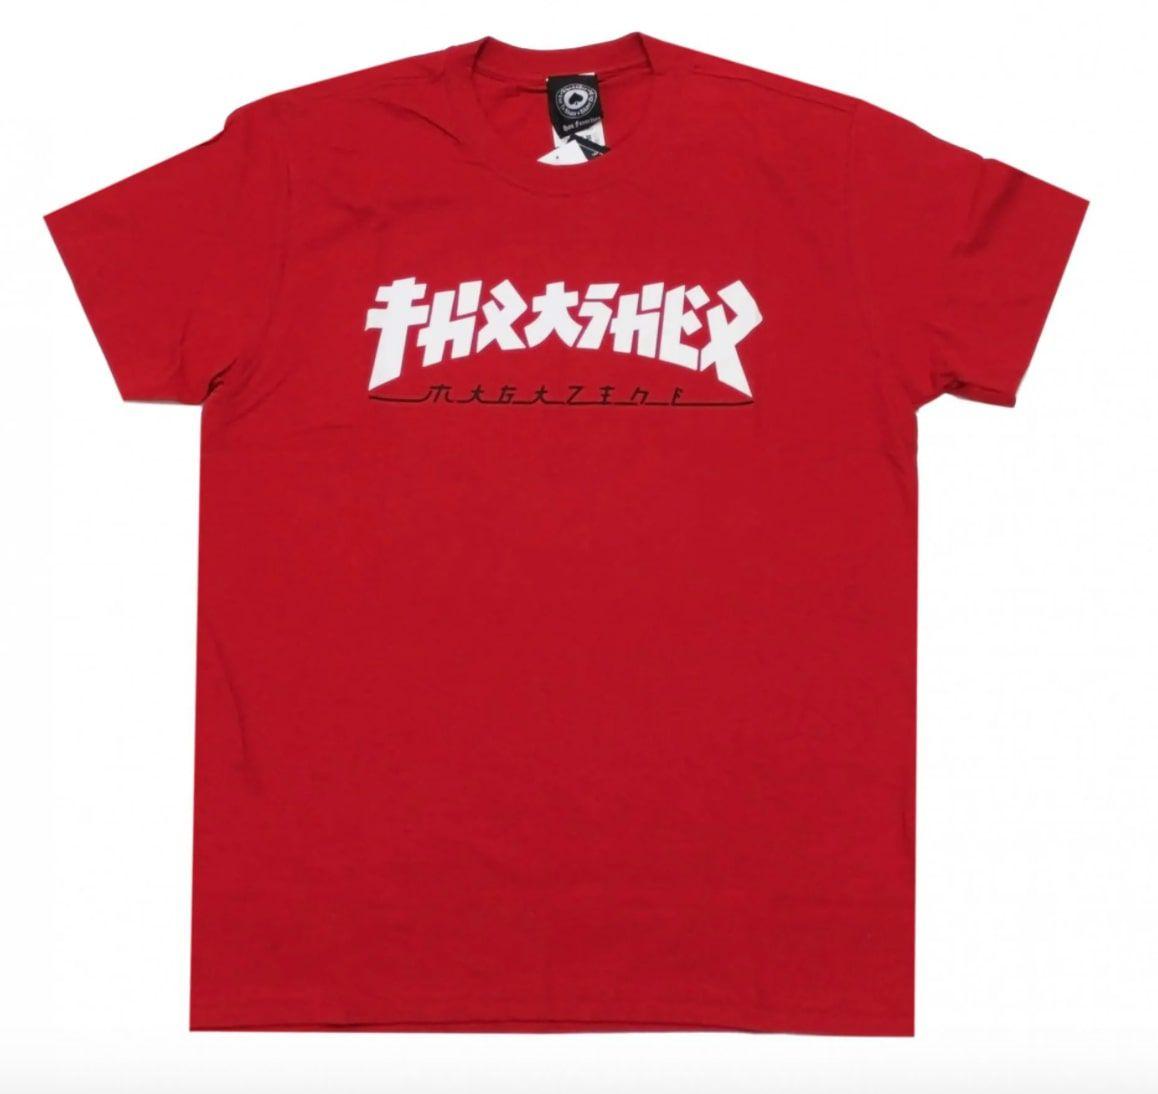 Camiseta Thrasher Godzilla Red